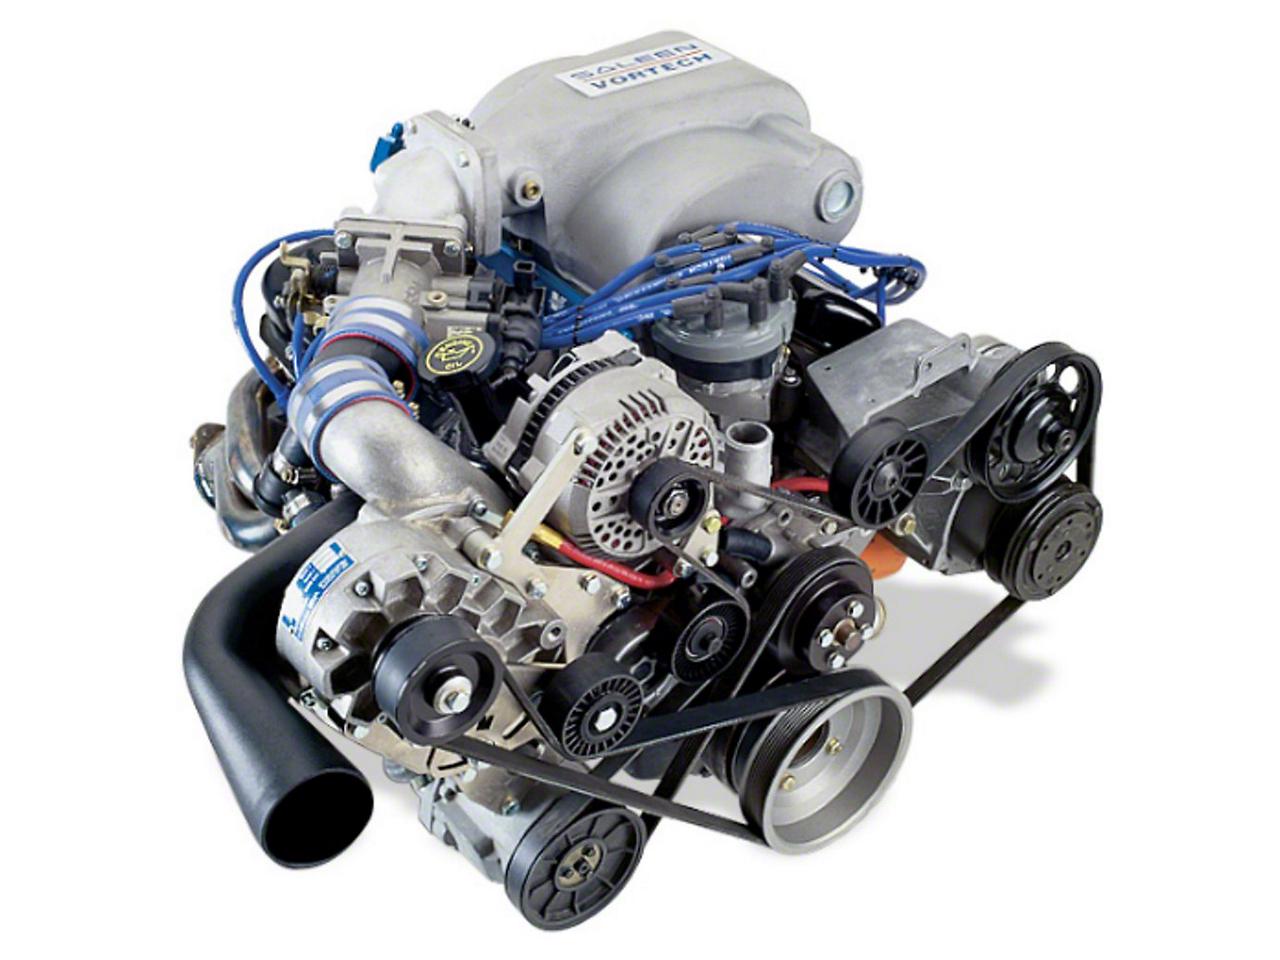 Vortech V-2 H/D Ti-Trim Supercharger System - Tuner Kit - Polished (94-95 5.0L)